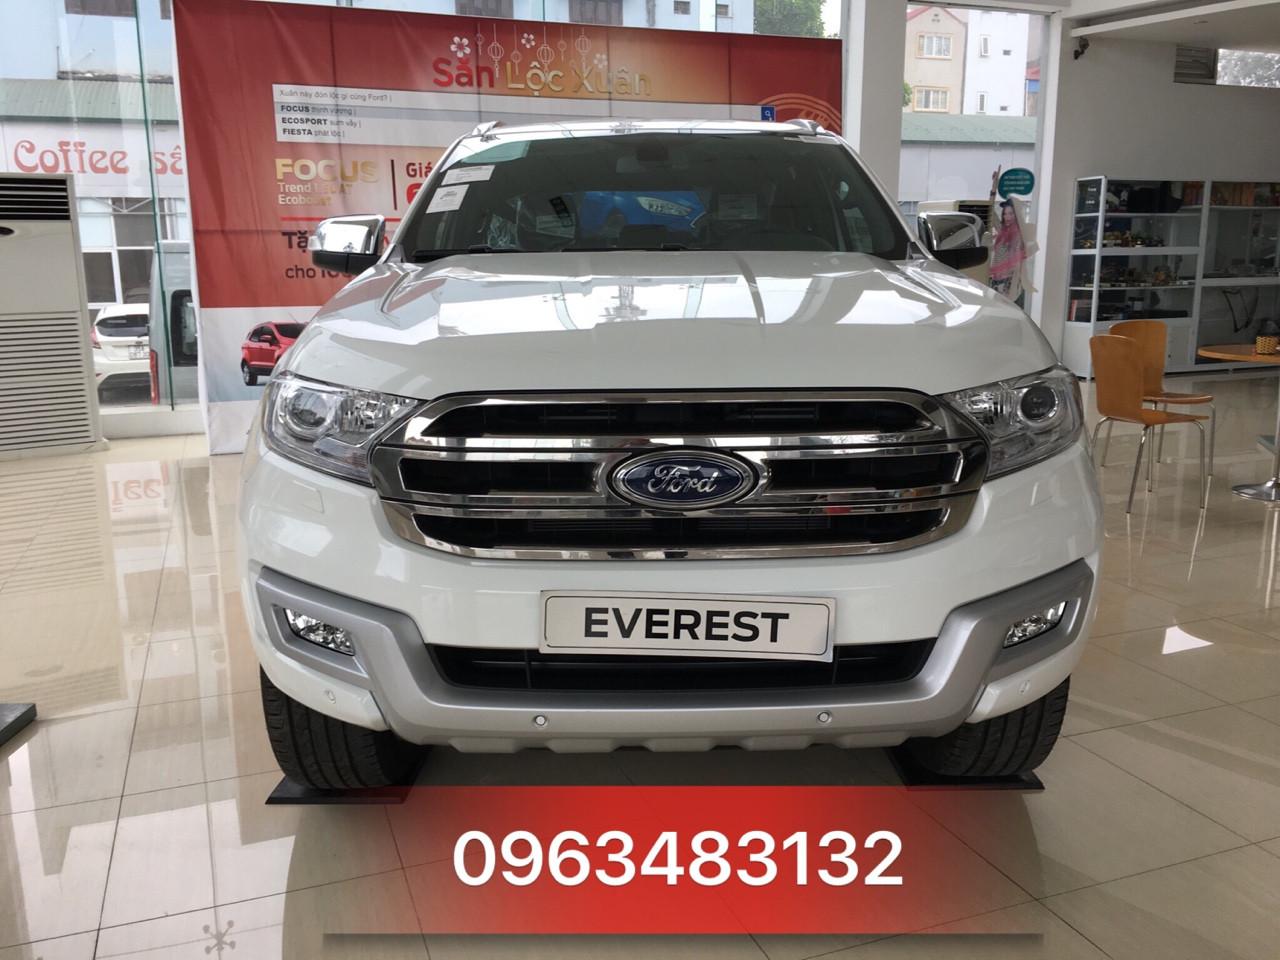 Ford Everest đang bán tại An Đô Ford